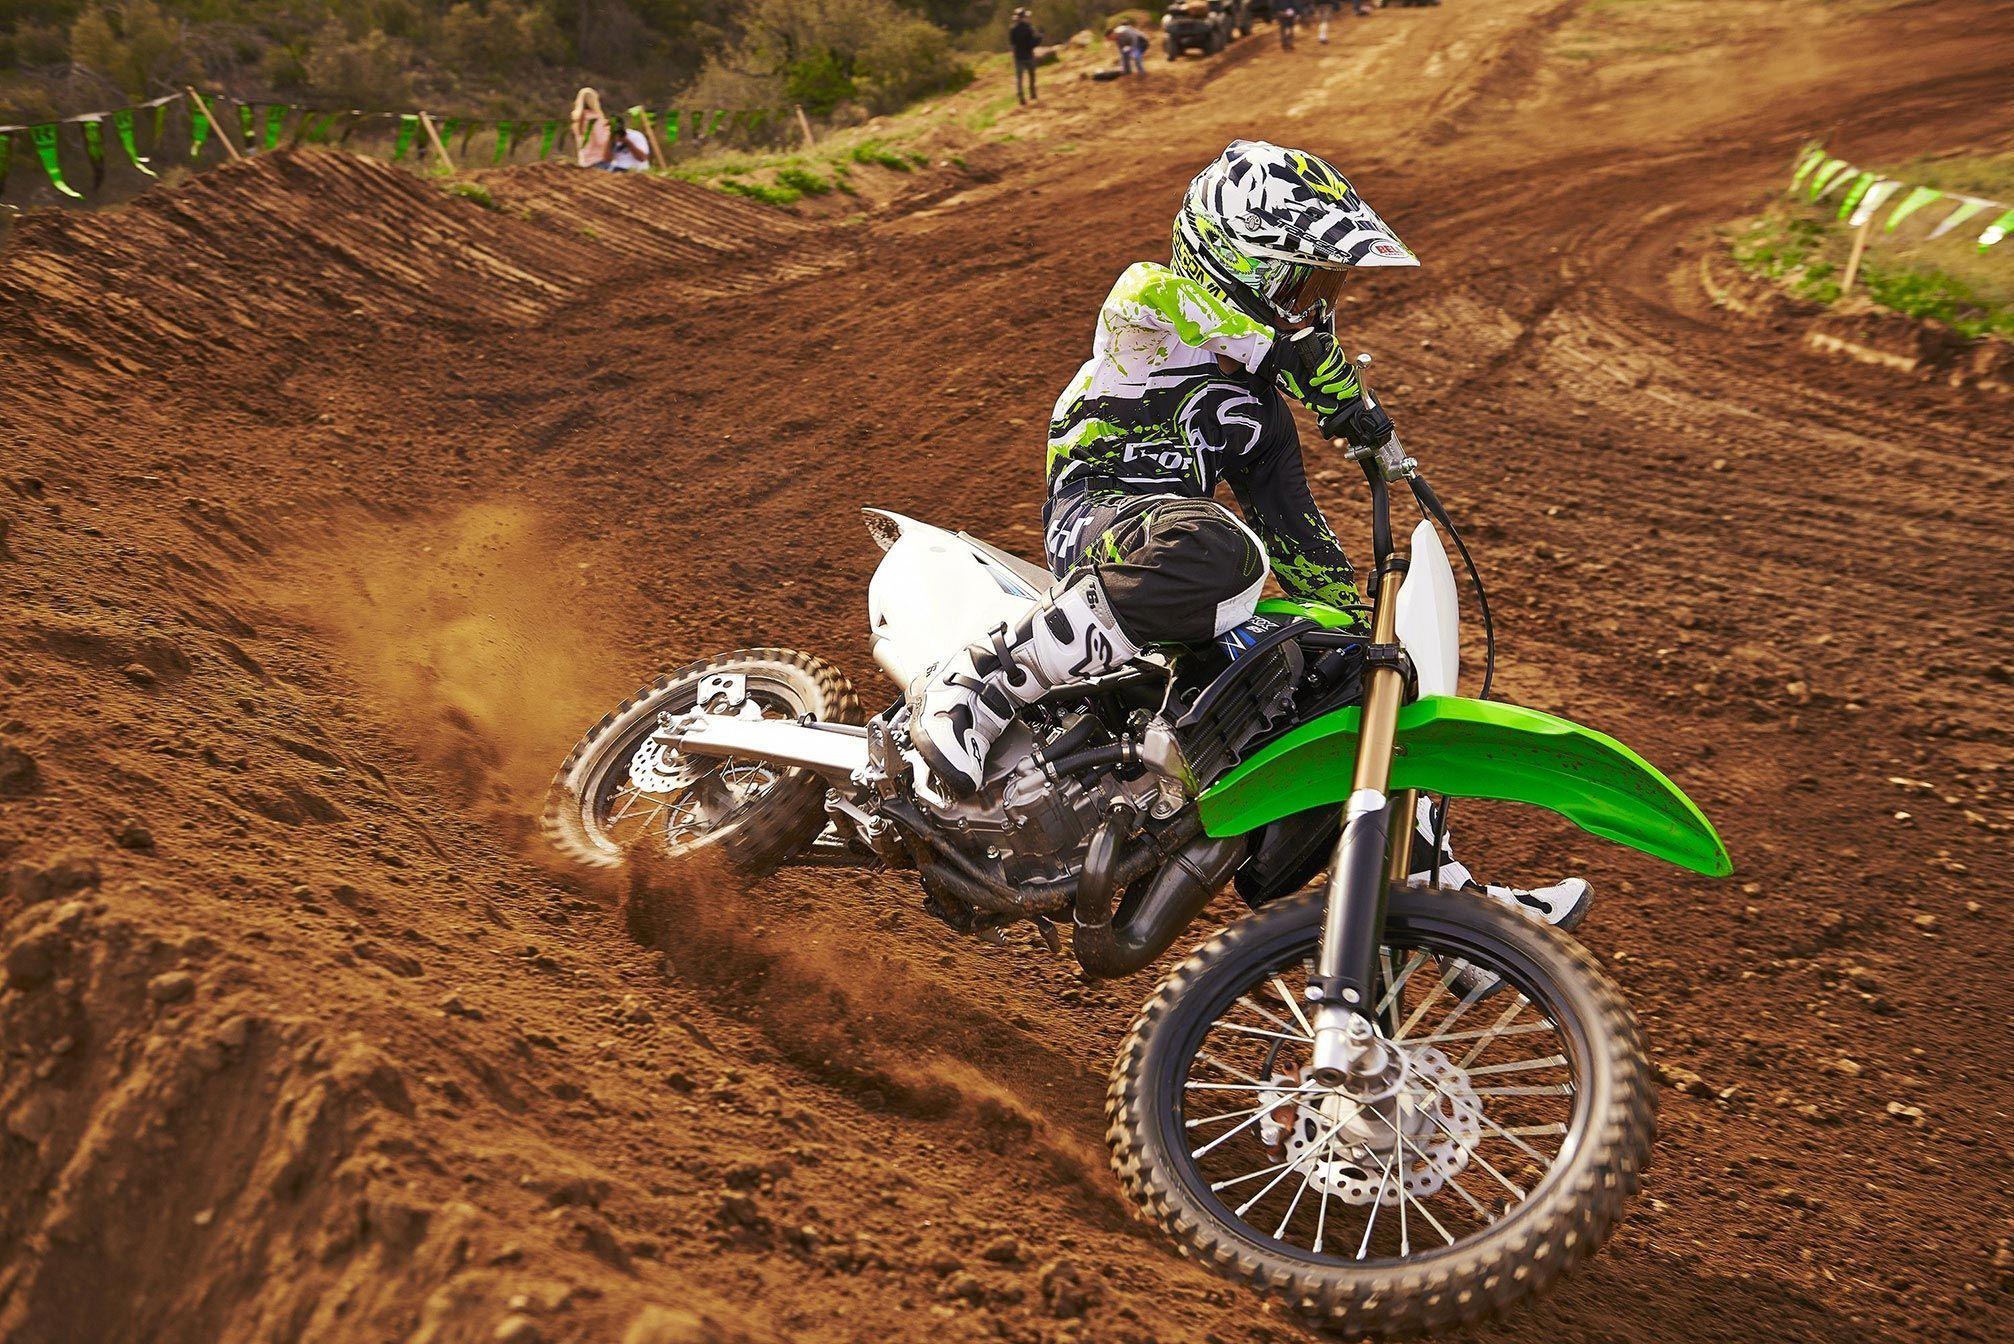 motocross screensavers wallpapers 1920×1200 imagenes de motocross